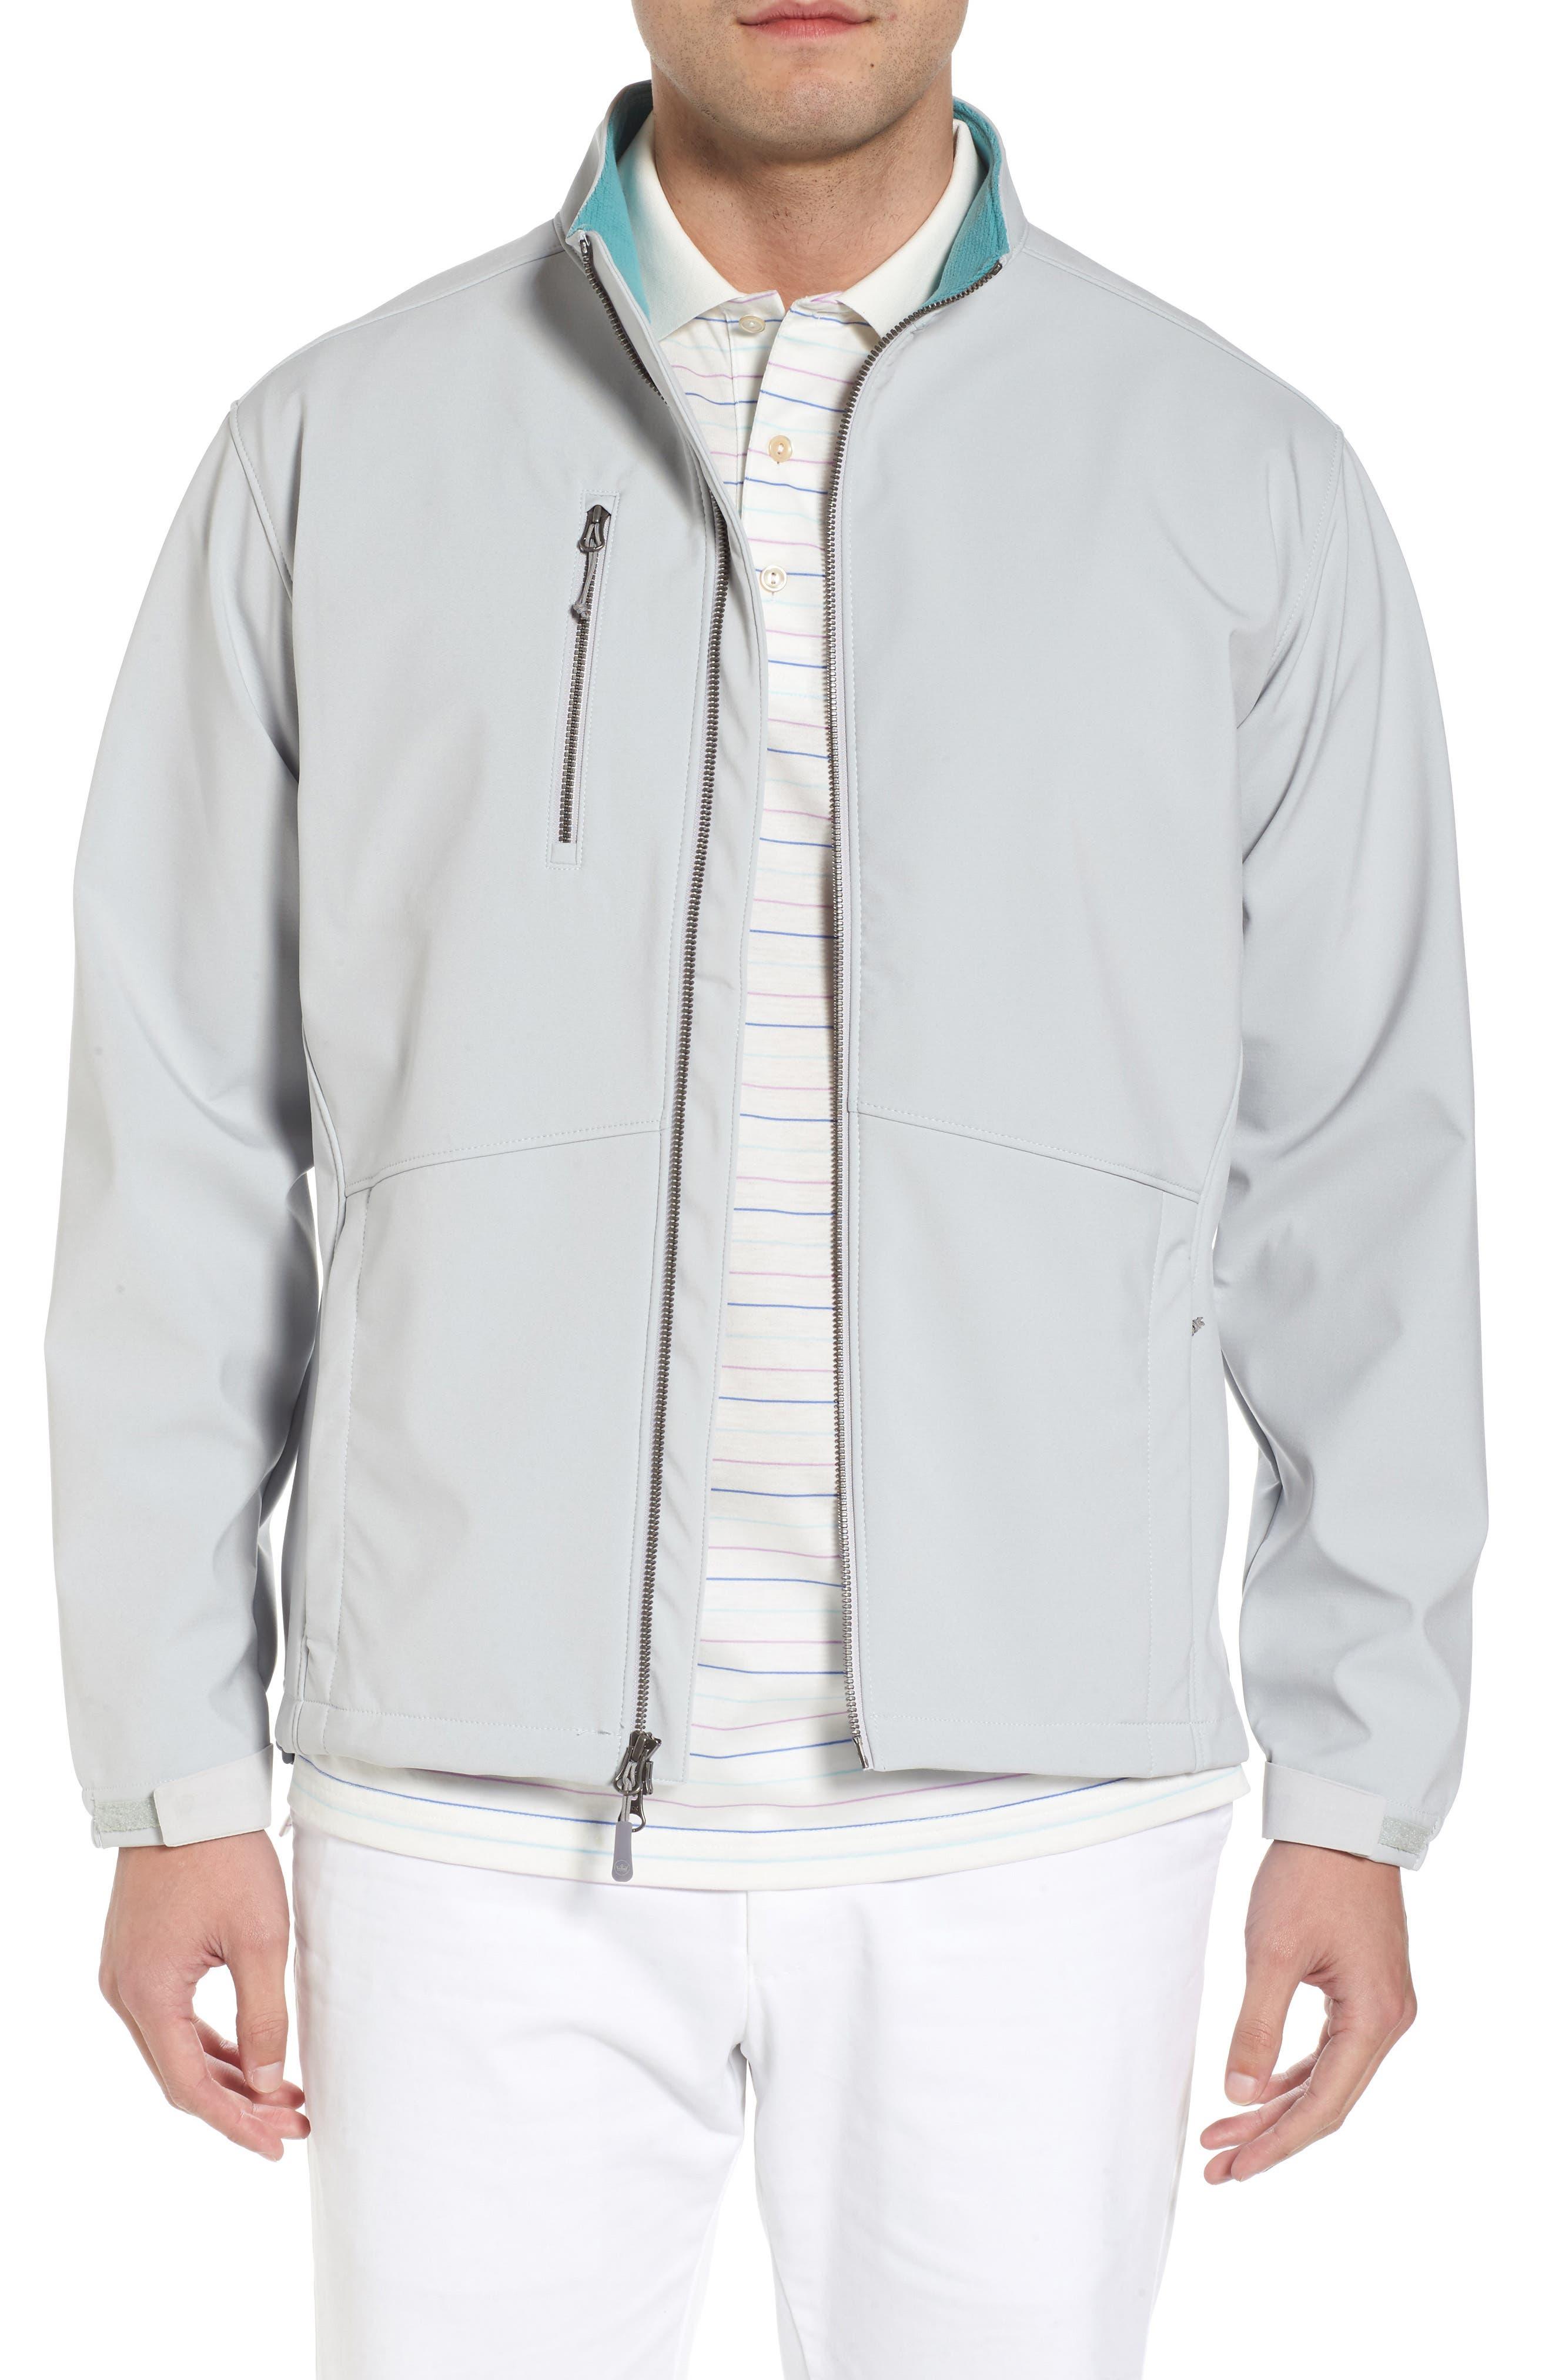 Anchorage 3-Layer Soft Shell Jacket,                             Main thumbnail 2, color,